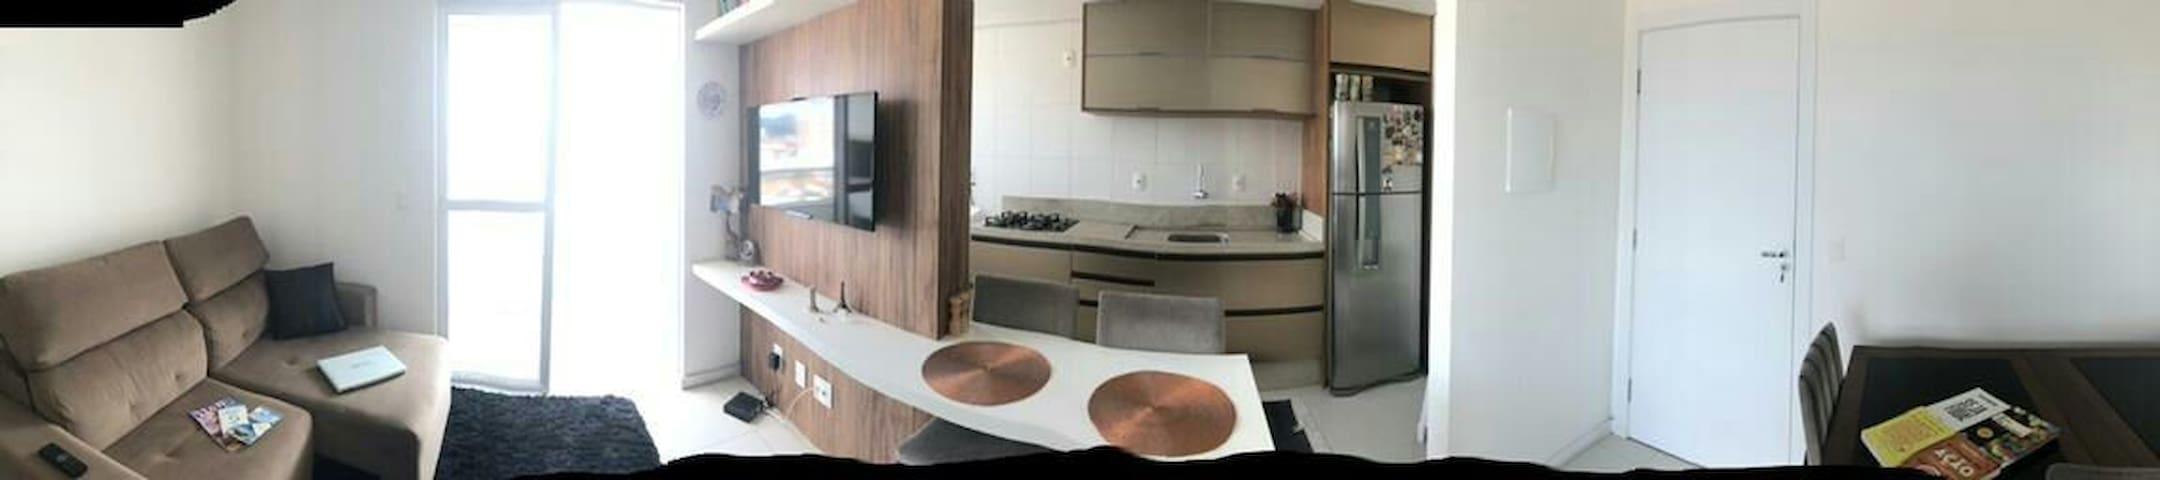 Lindo Apartamento Aconchegante!